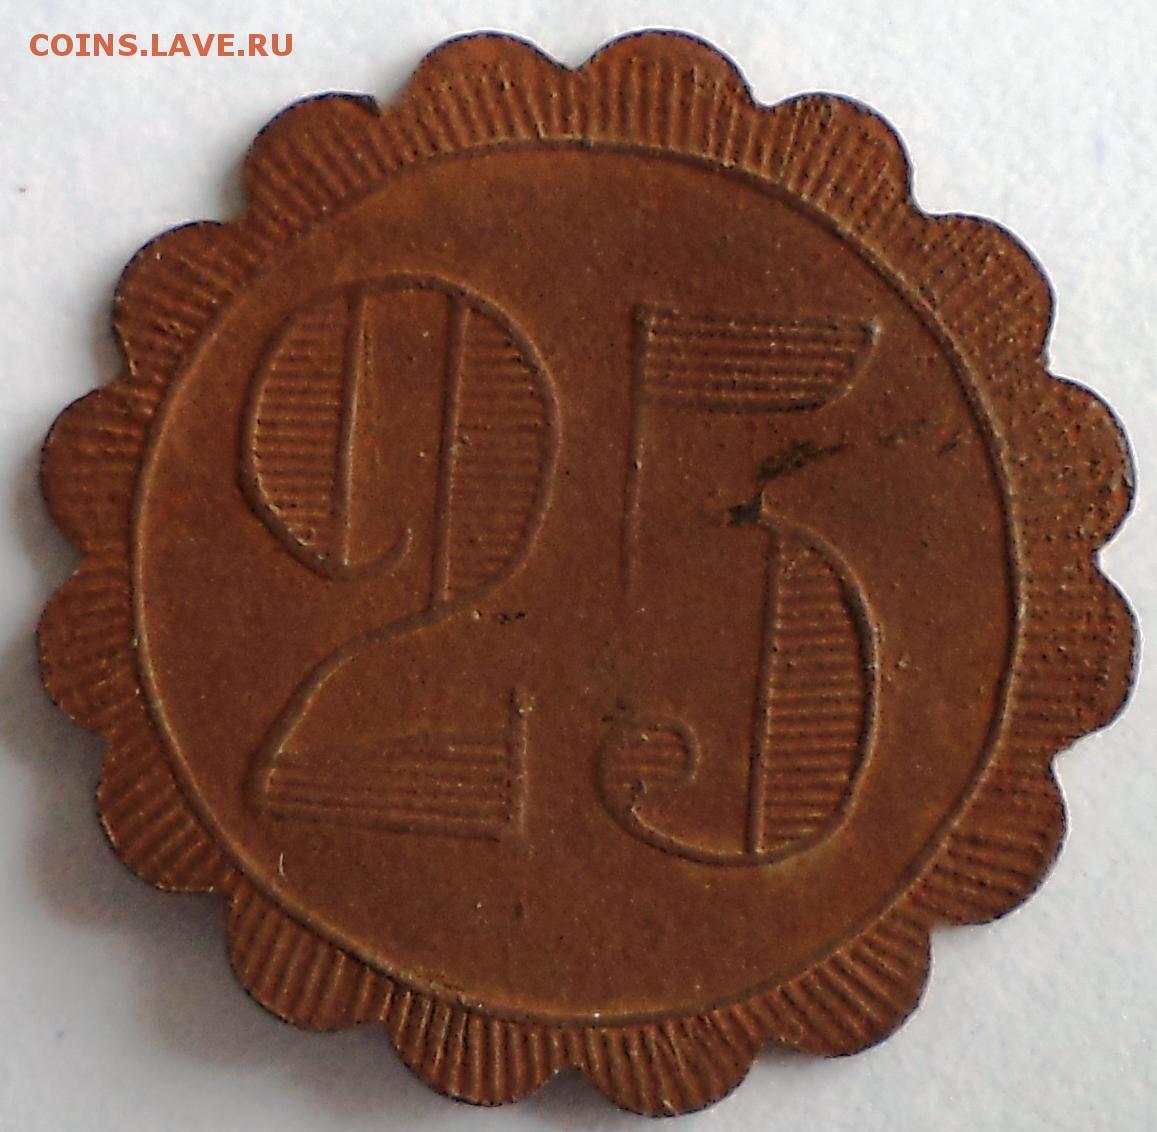 Трактирный жетон 25 коп,до26.11.2015г. 22.00 по москве - монеты россии и ссср.